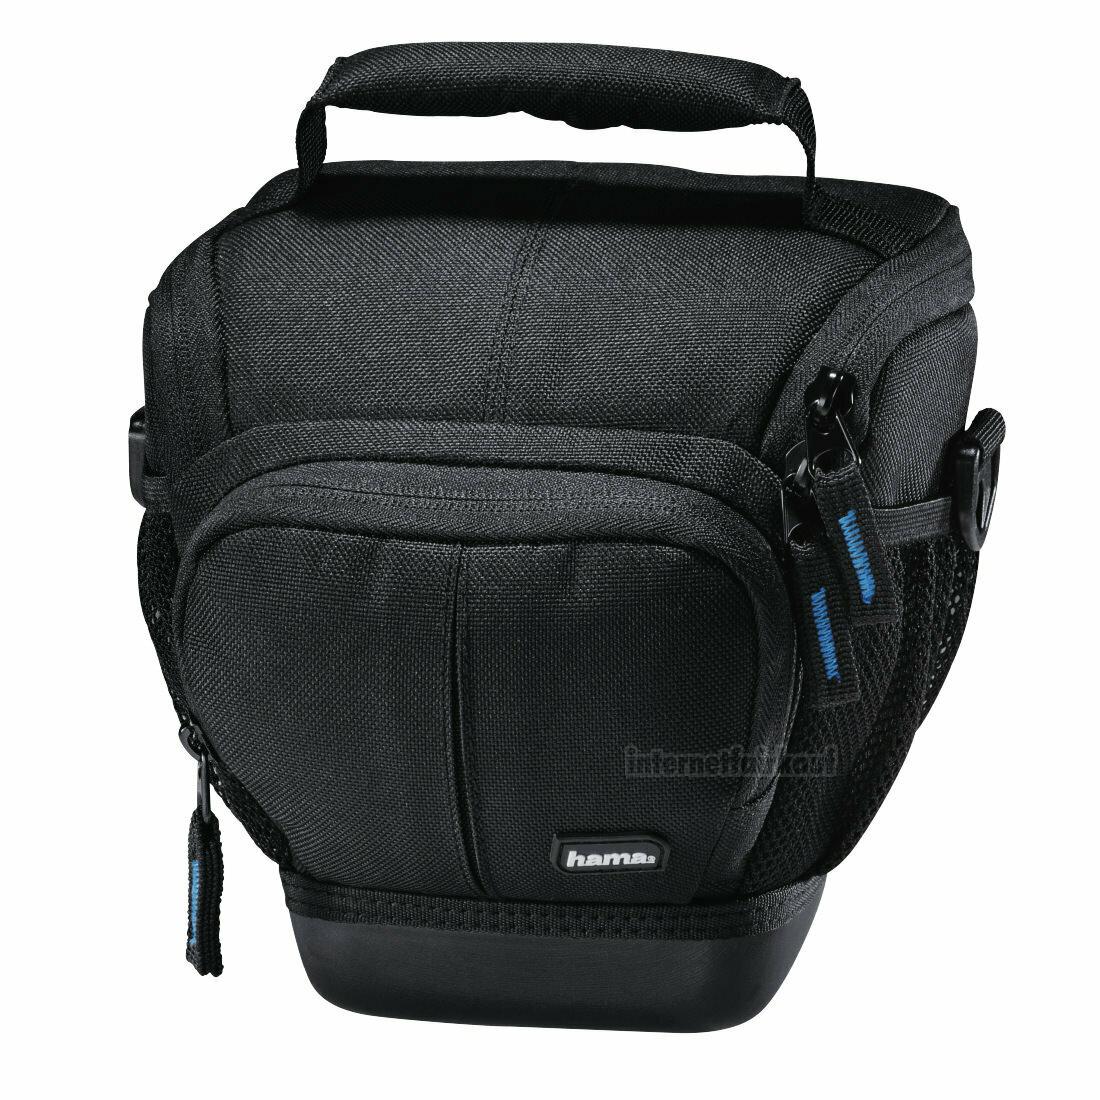 Kameratasche Fototasche passend für Nikon D3500 D5600 und 18-55mm Objektiv